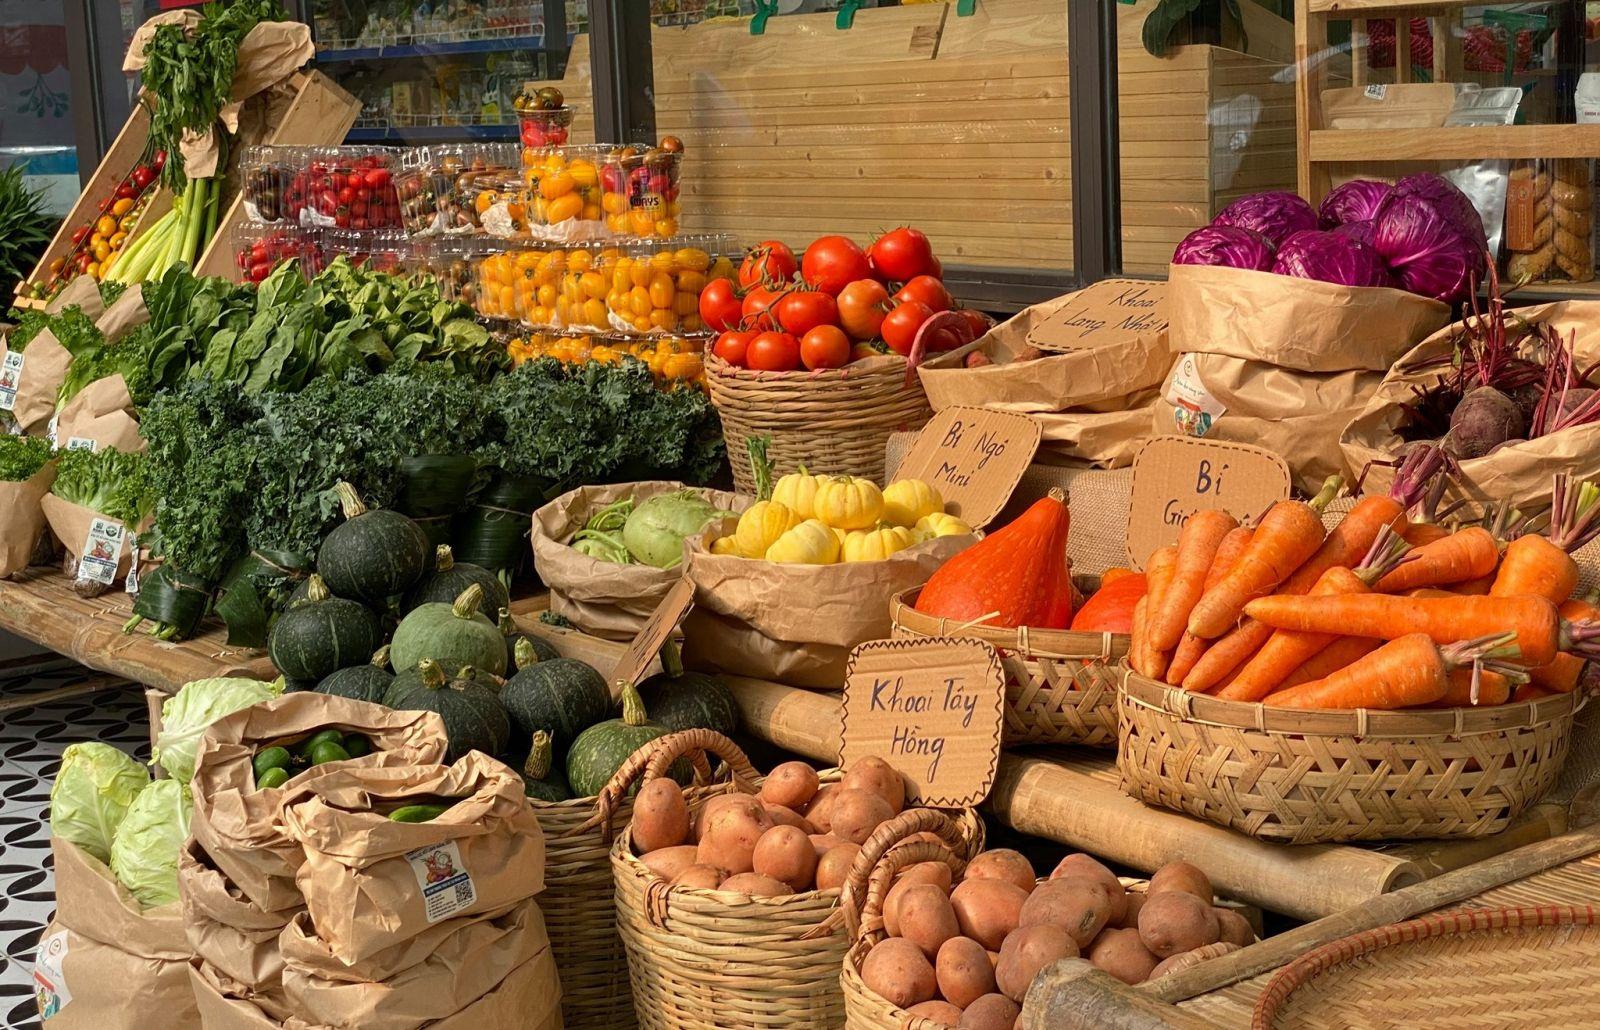 Phiên chợ với hơn 100 sản phẩm nông nghiệp sạch.